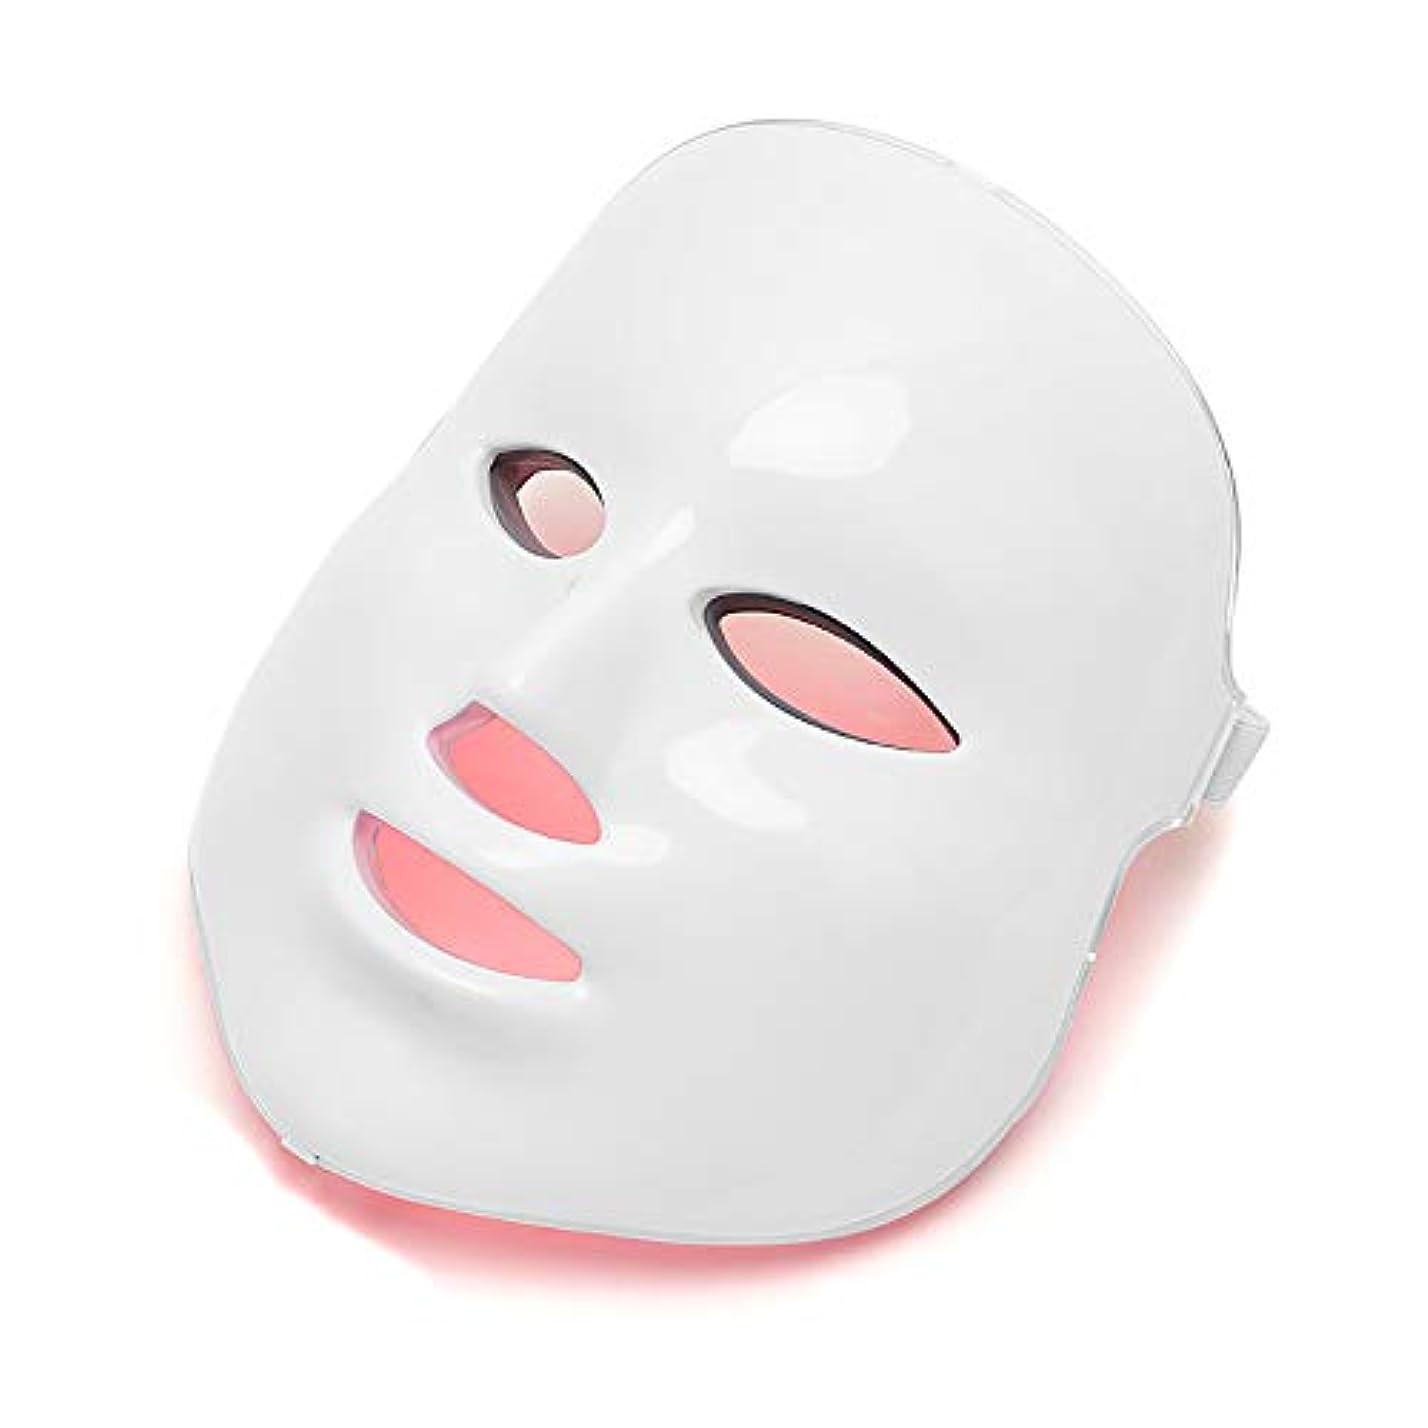 粗いきしむ鈍い7色フェイシャルマスクフェイス光線療法フェイシャル?スキンケアLED、スキントーニングしわのためのLEDライトは調色、しわにきび治療を締め付け、アンチエイジングを削除します